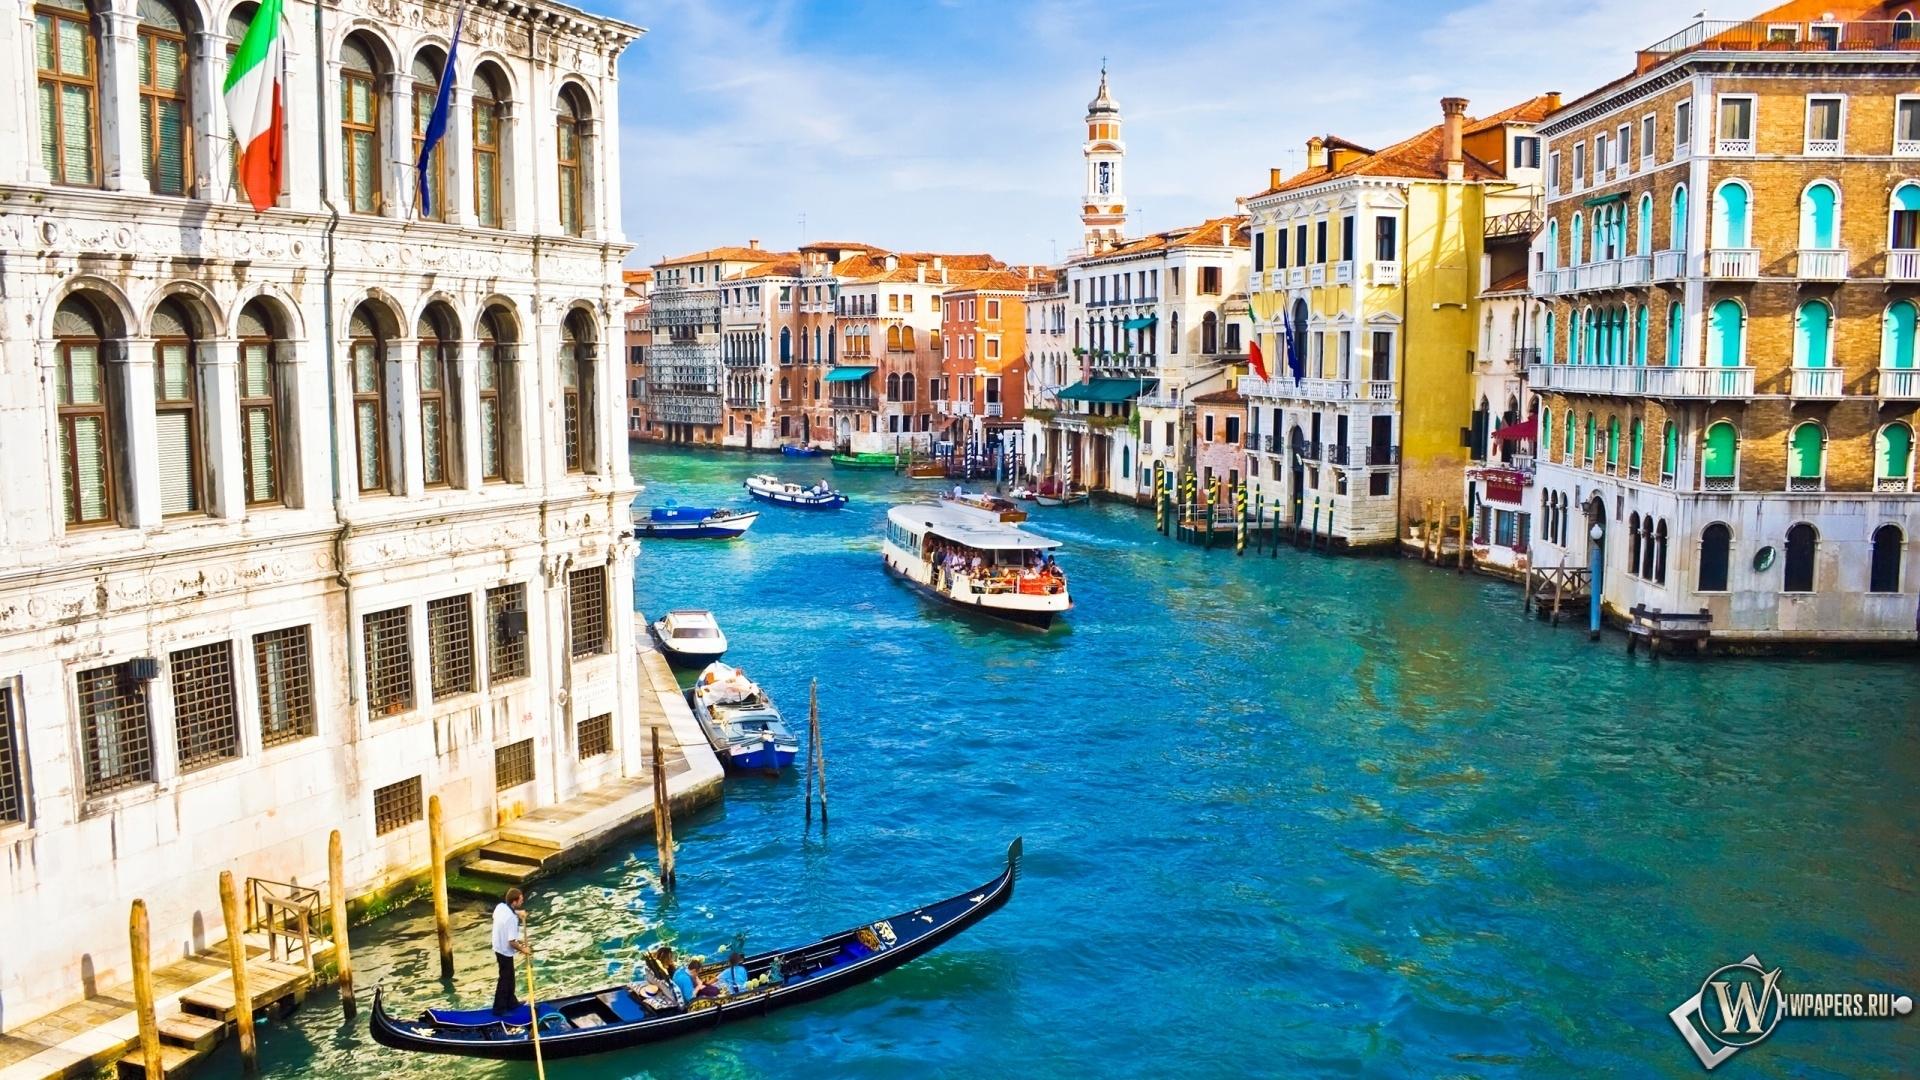 Красивый канал в Венеции 1920x1080